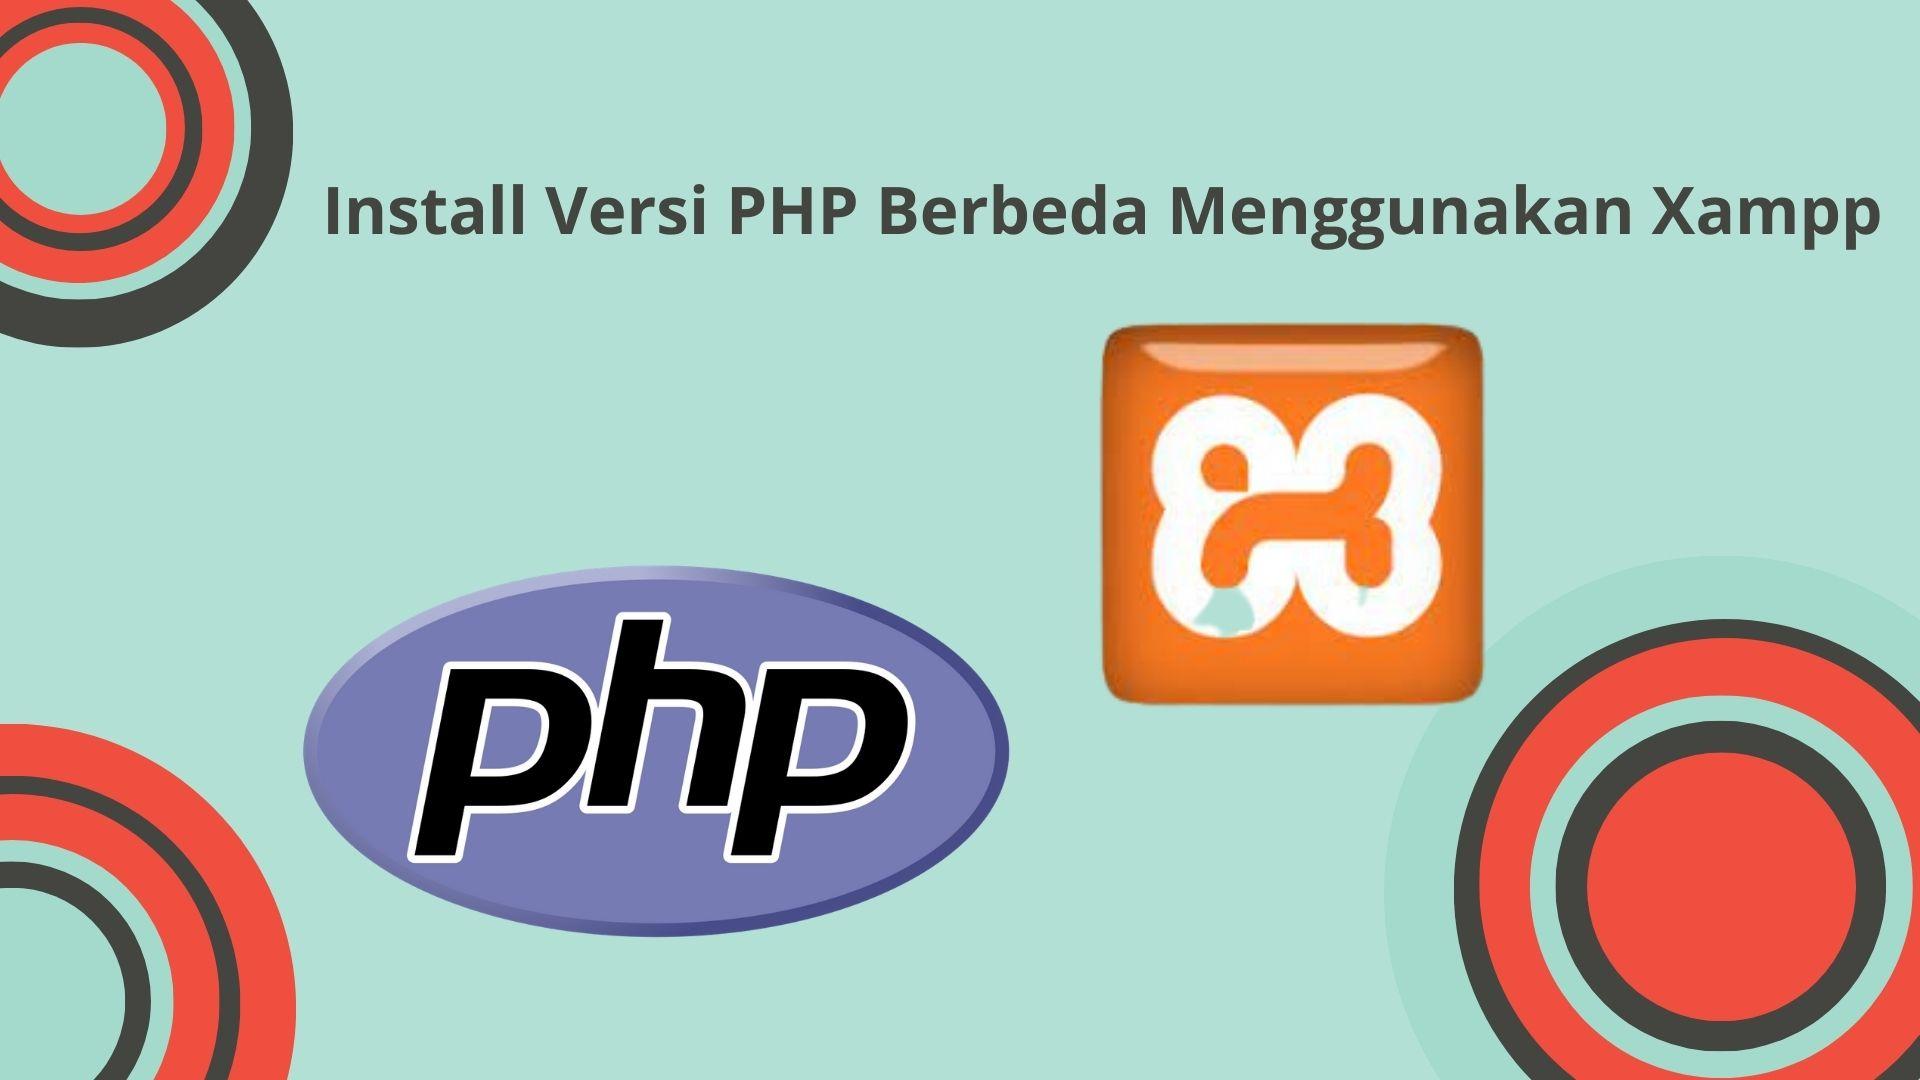 Install Versi PHP Berbeda Menggunakan Xampp